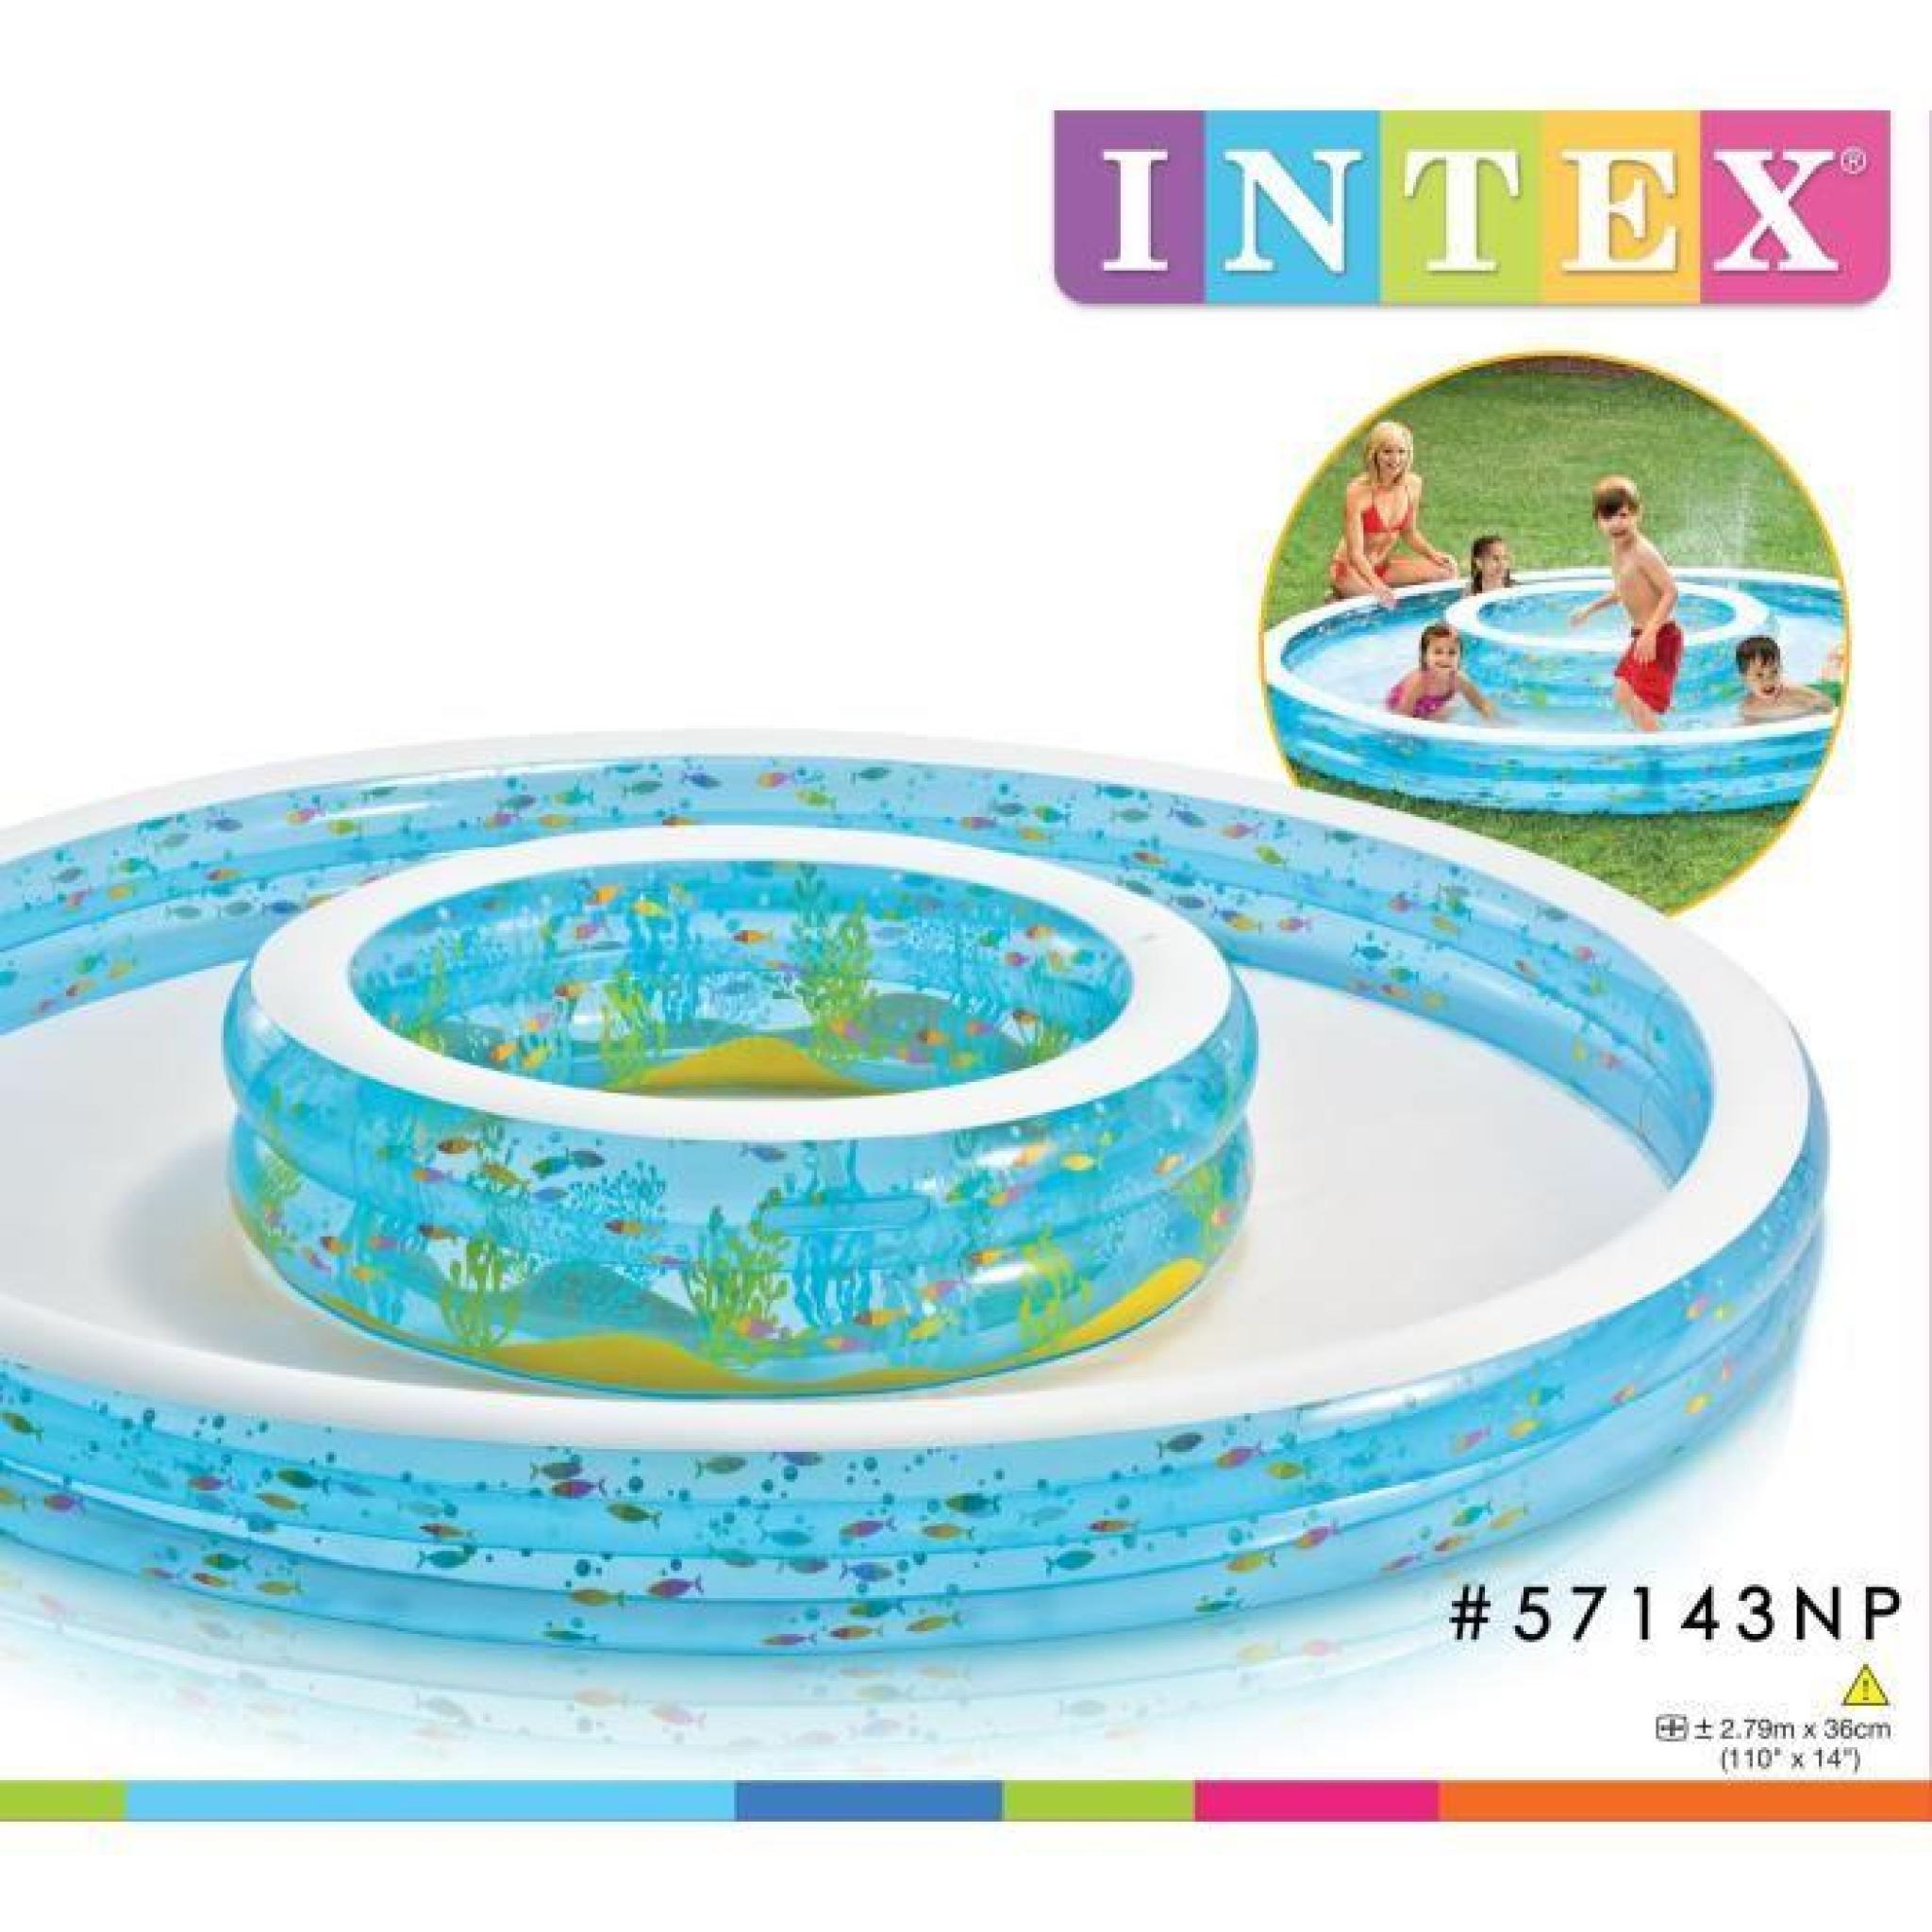 Intex Piscine 2 Tailles Gonflable À Débordement Enfant / Famille Double  Fontaines 279 X 36 Cm Avec Jets D'eau intérieur Piscine Intex Enfant